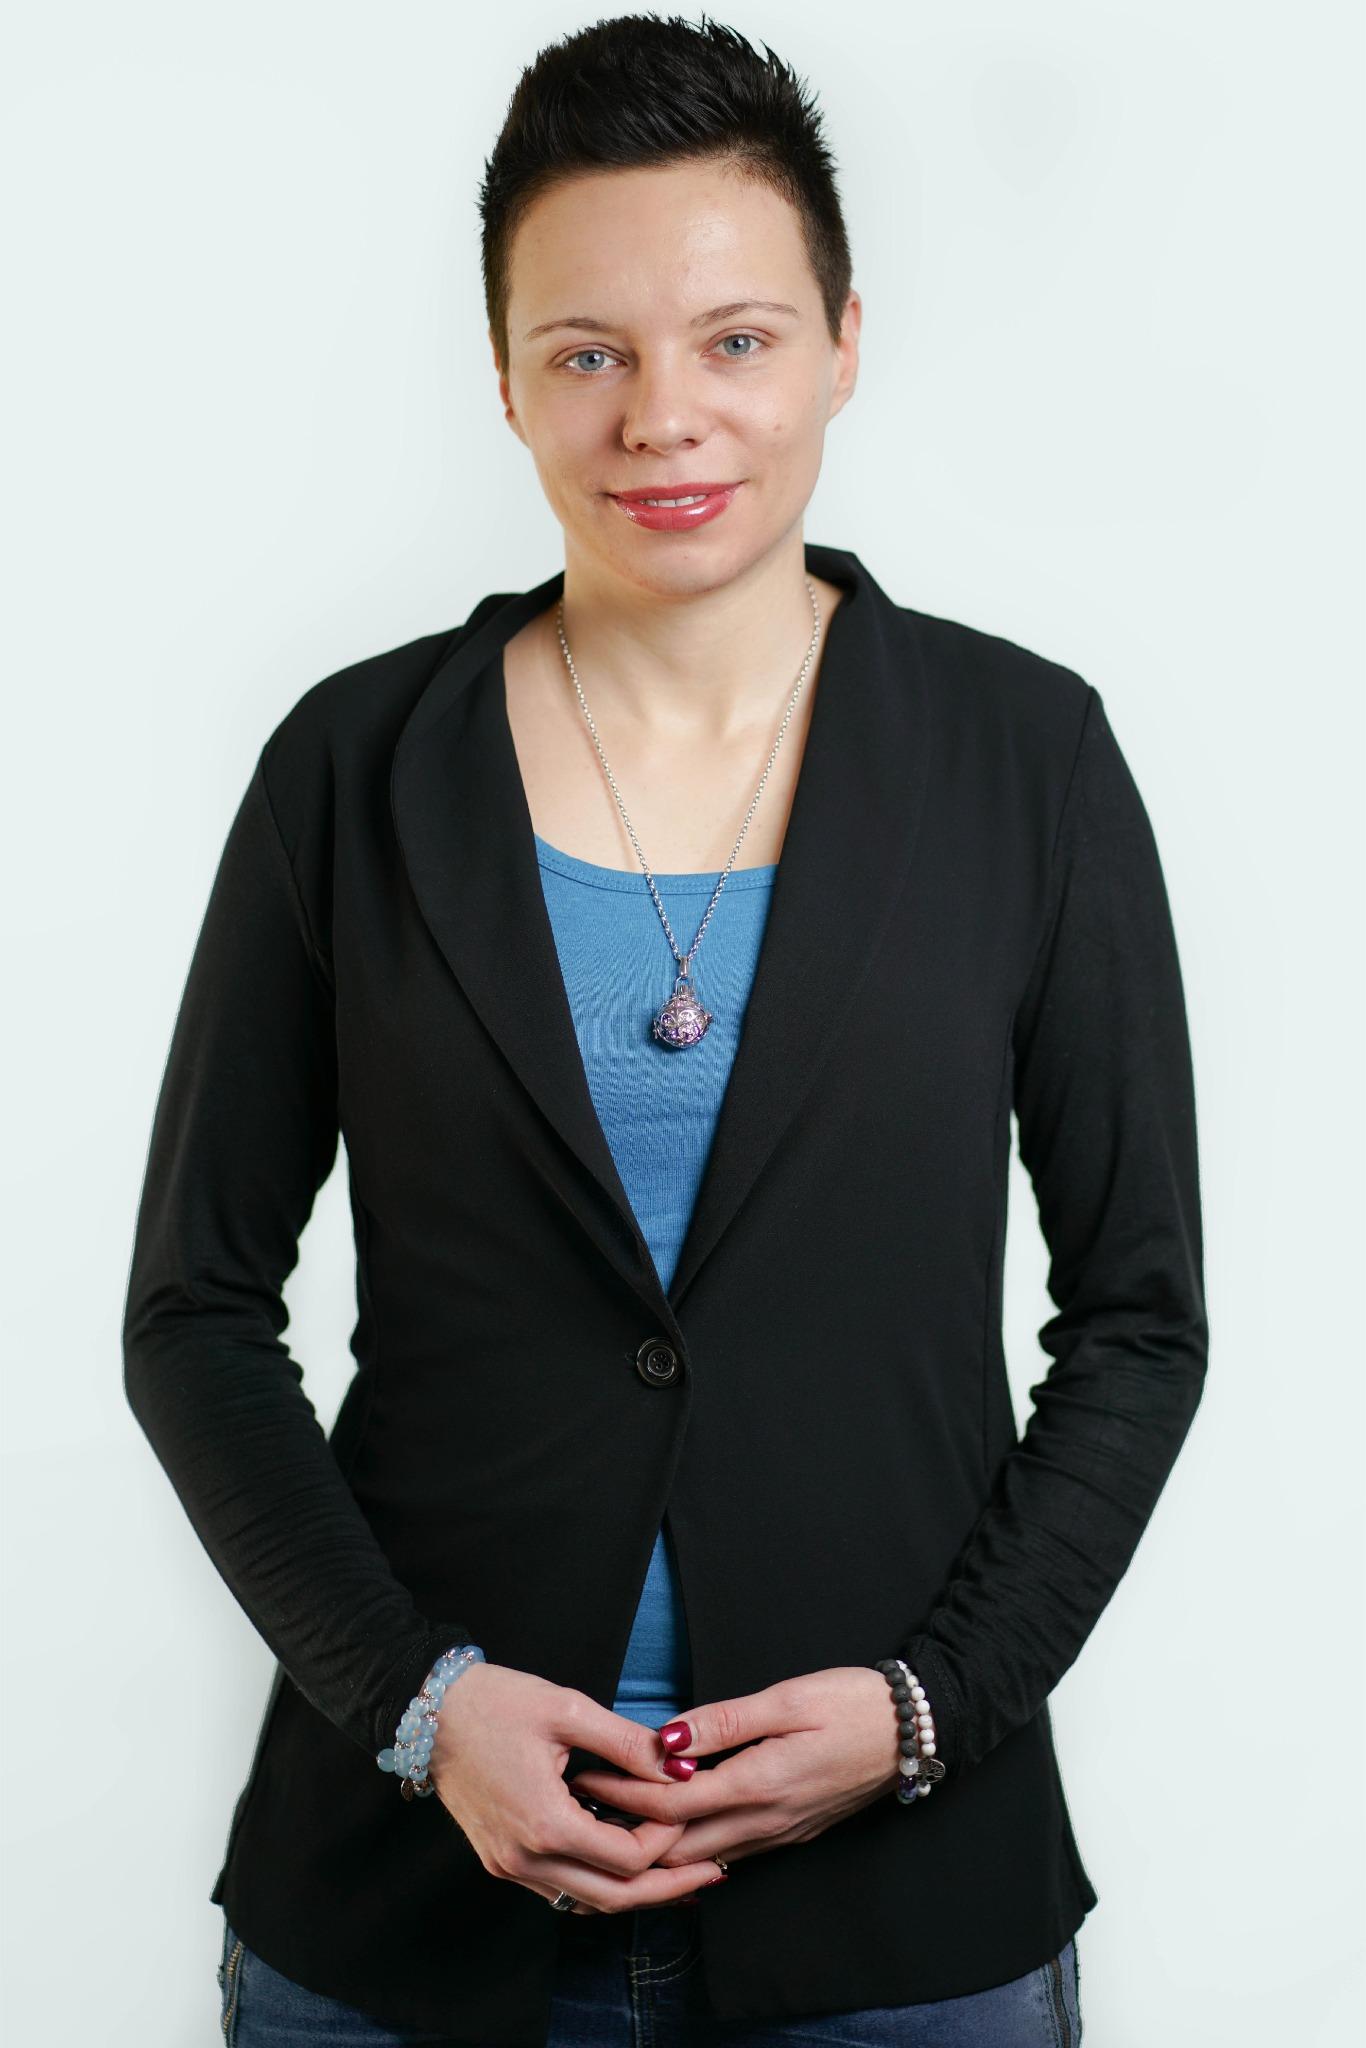 Coach - Graziella Wicki